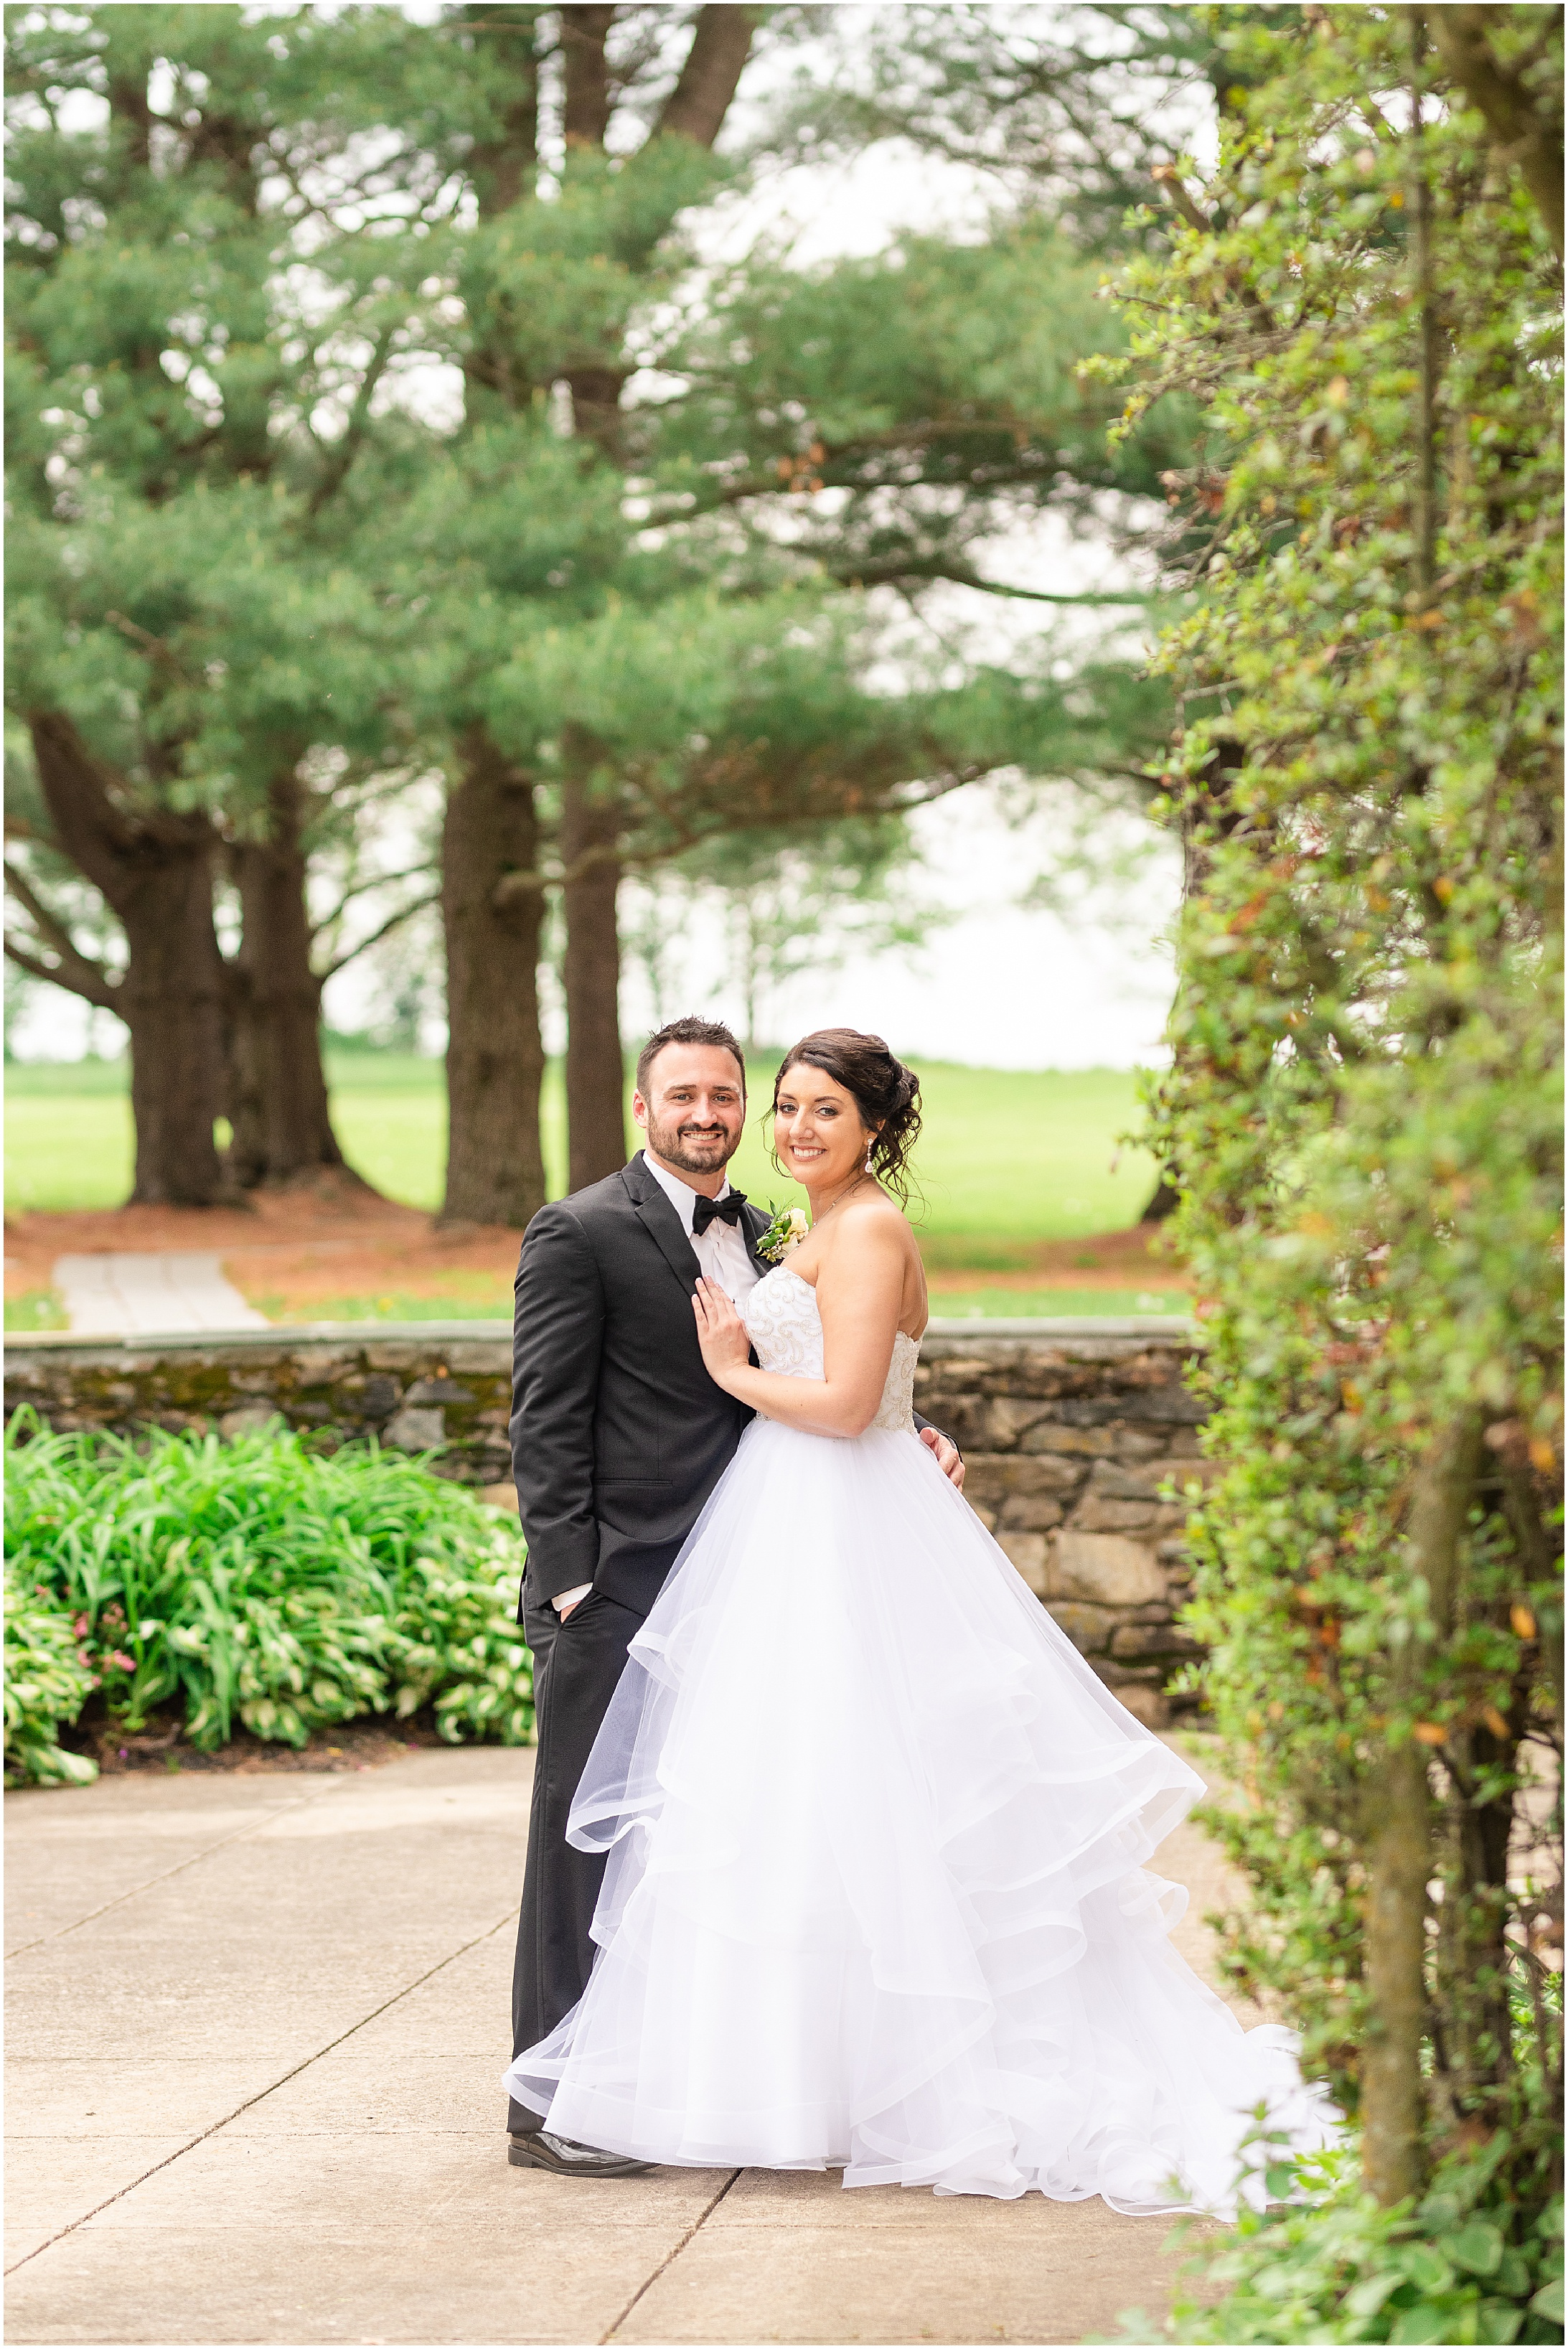 Stone-manor-country-club-wedding-photos-131.jpg